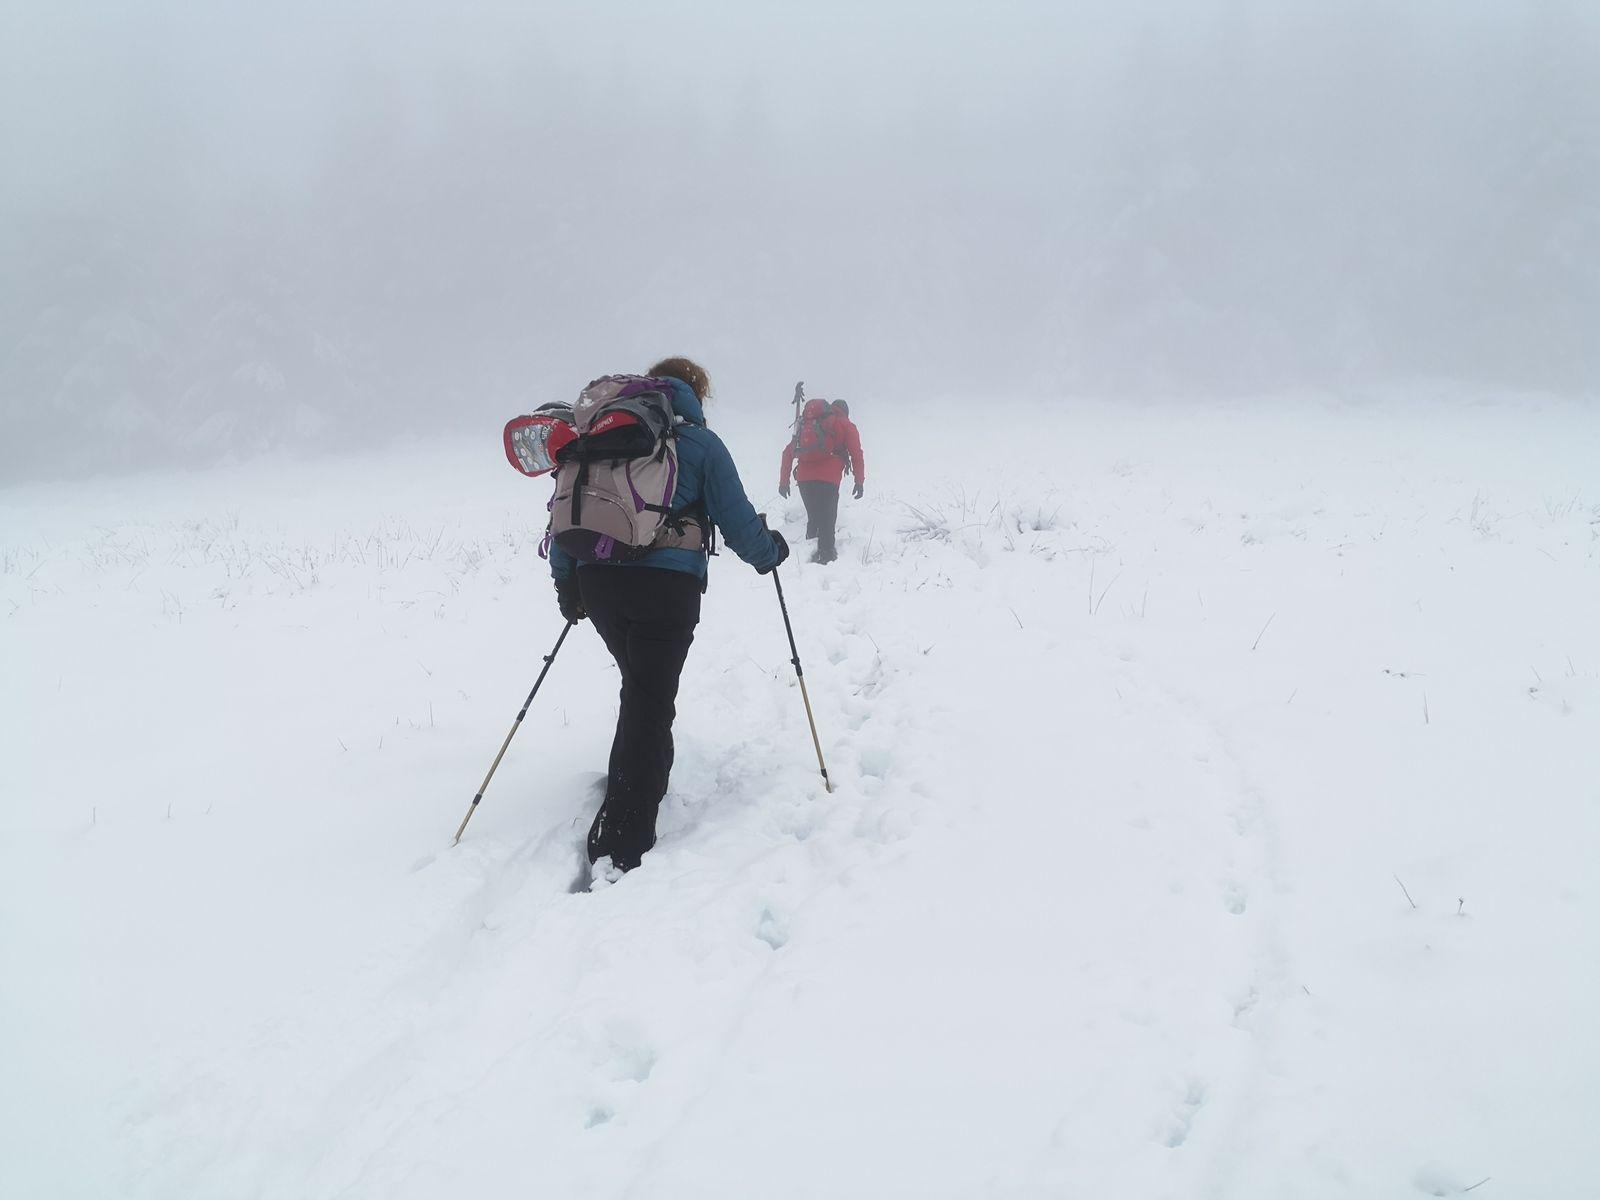 Il ne fait pas très beau, peu importe, de vraies conditions hivernales nous conviennent parfaitement.